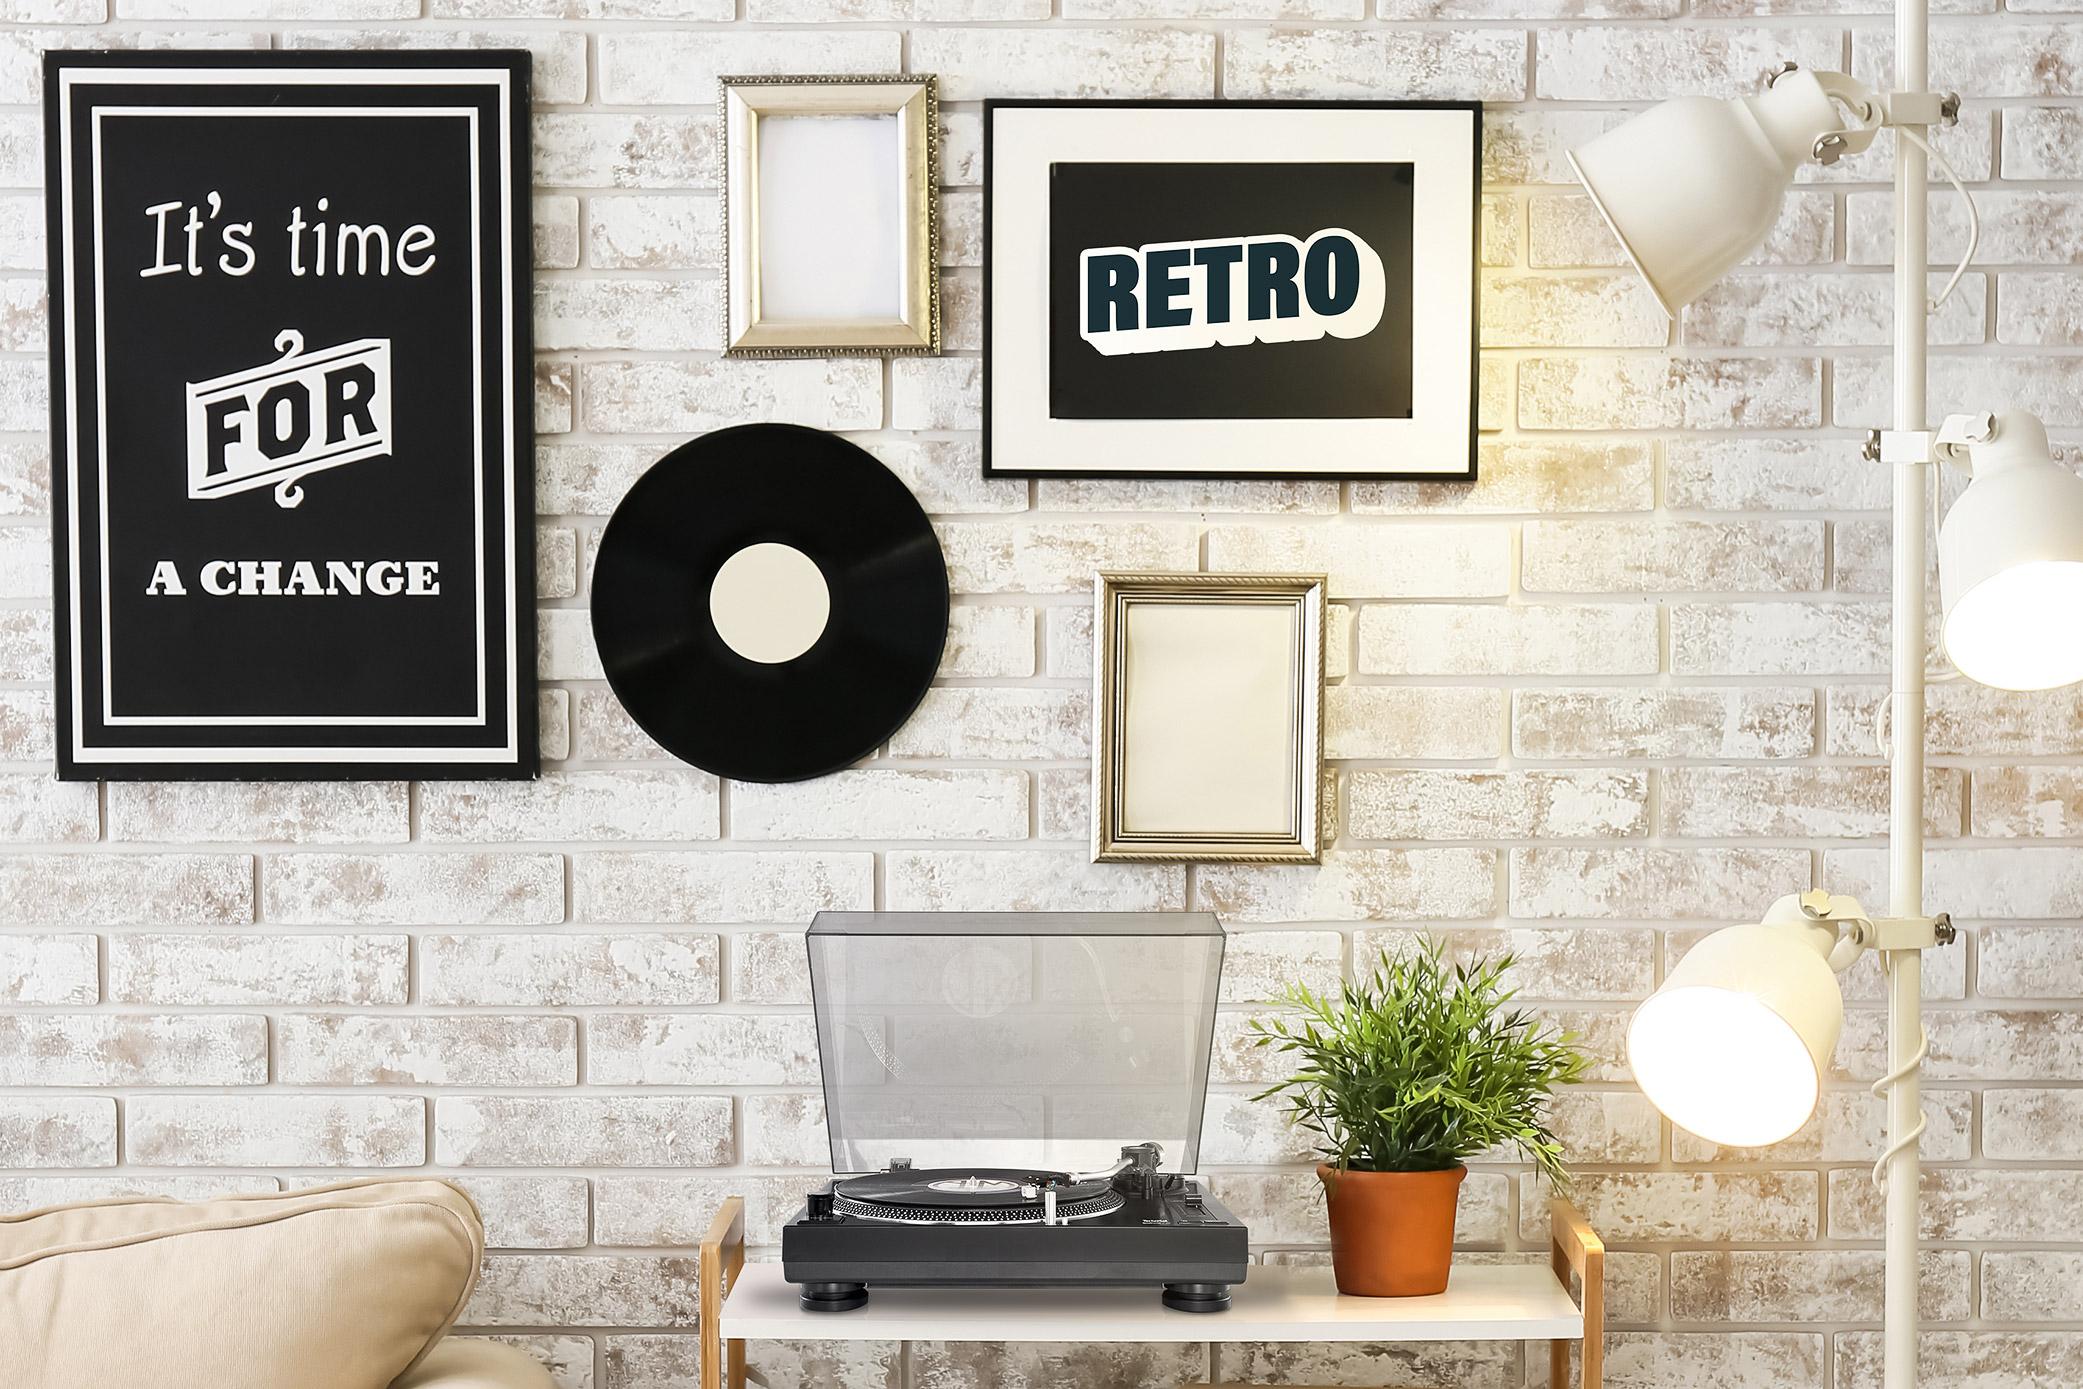 Retro, Vintage, Kult!